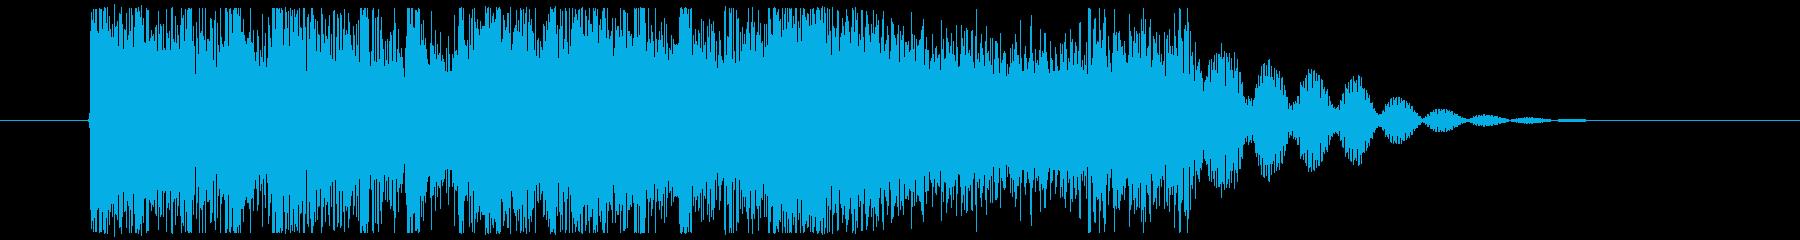 【場面転換】ロックギターフレーズの再生済みの波形